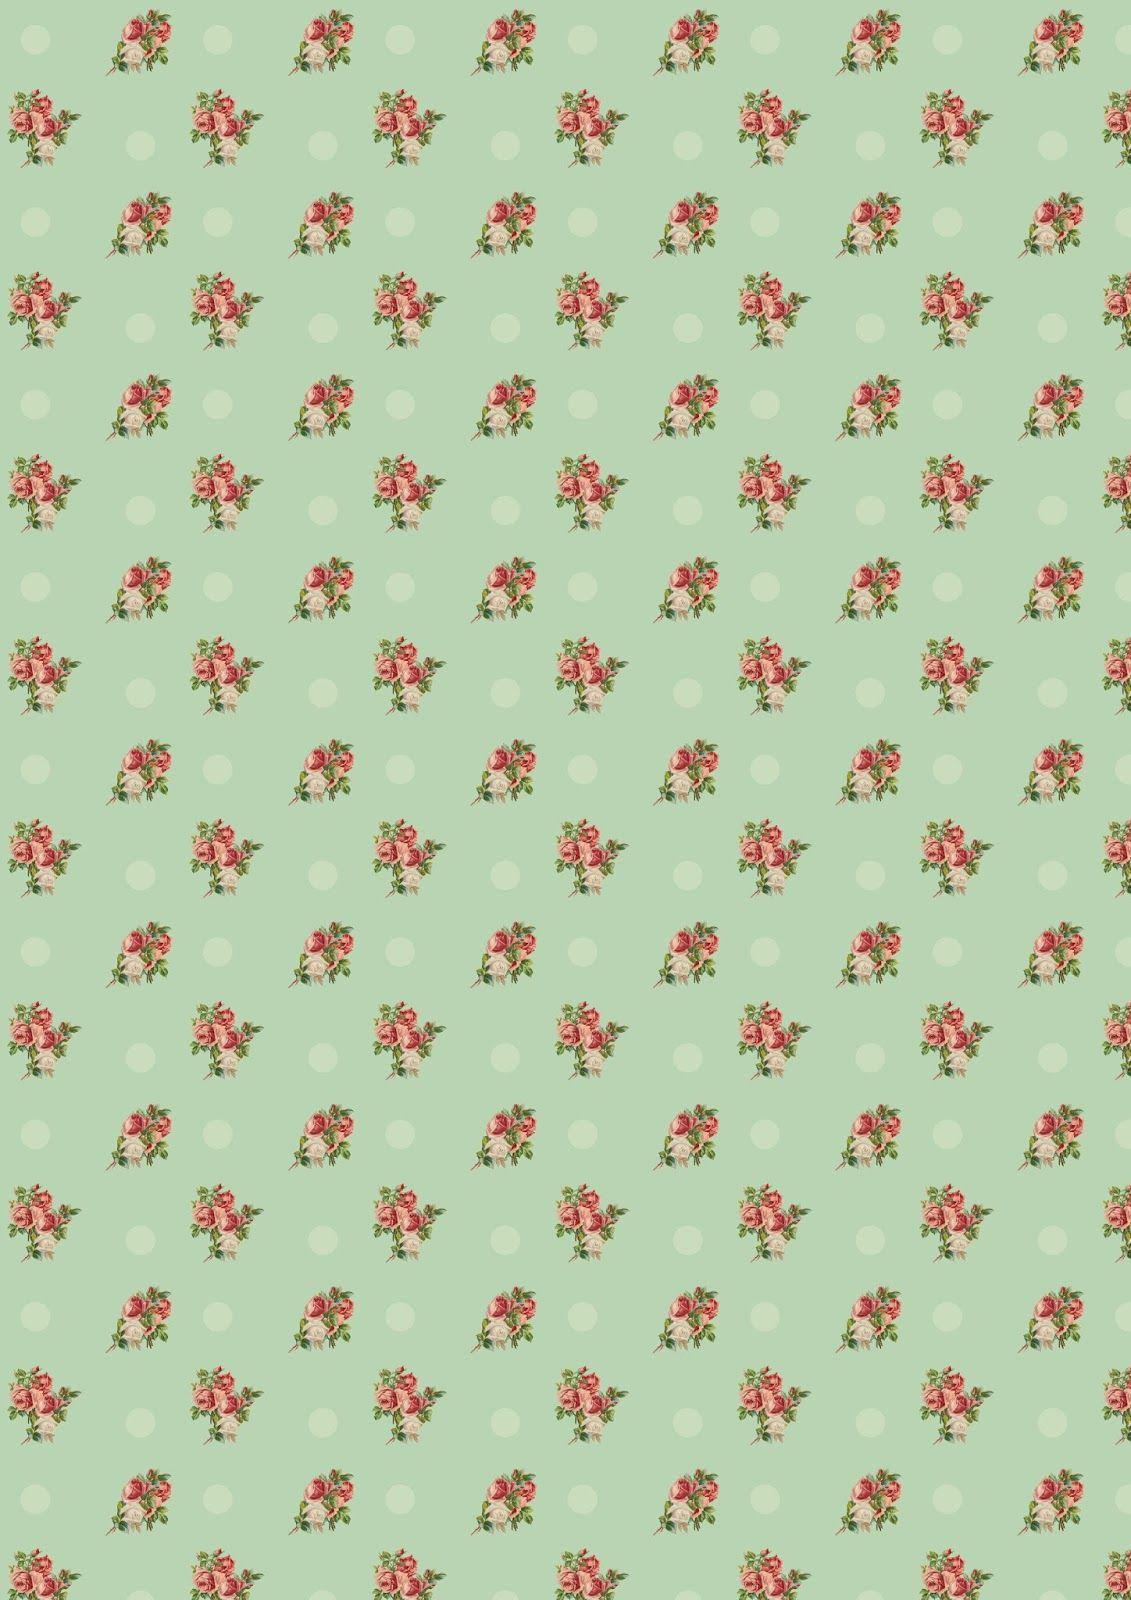 Free printable floral vintage rose pattern paper with for Digitale weihnachtskarten gratis